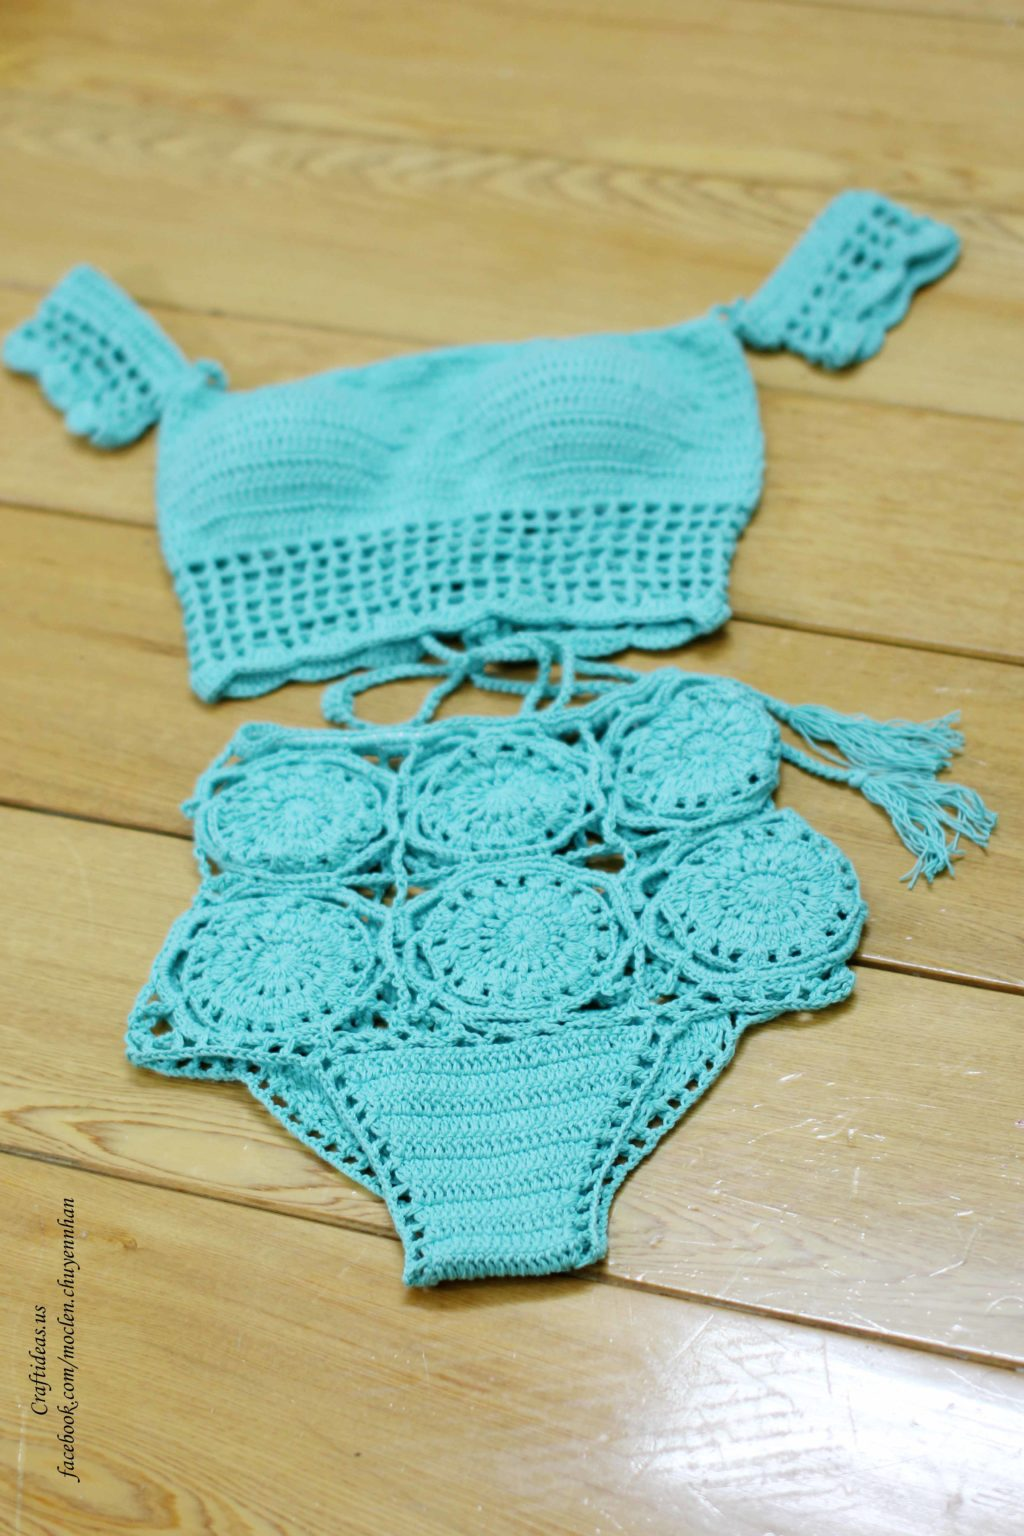 Crochet summer set for beach